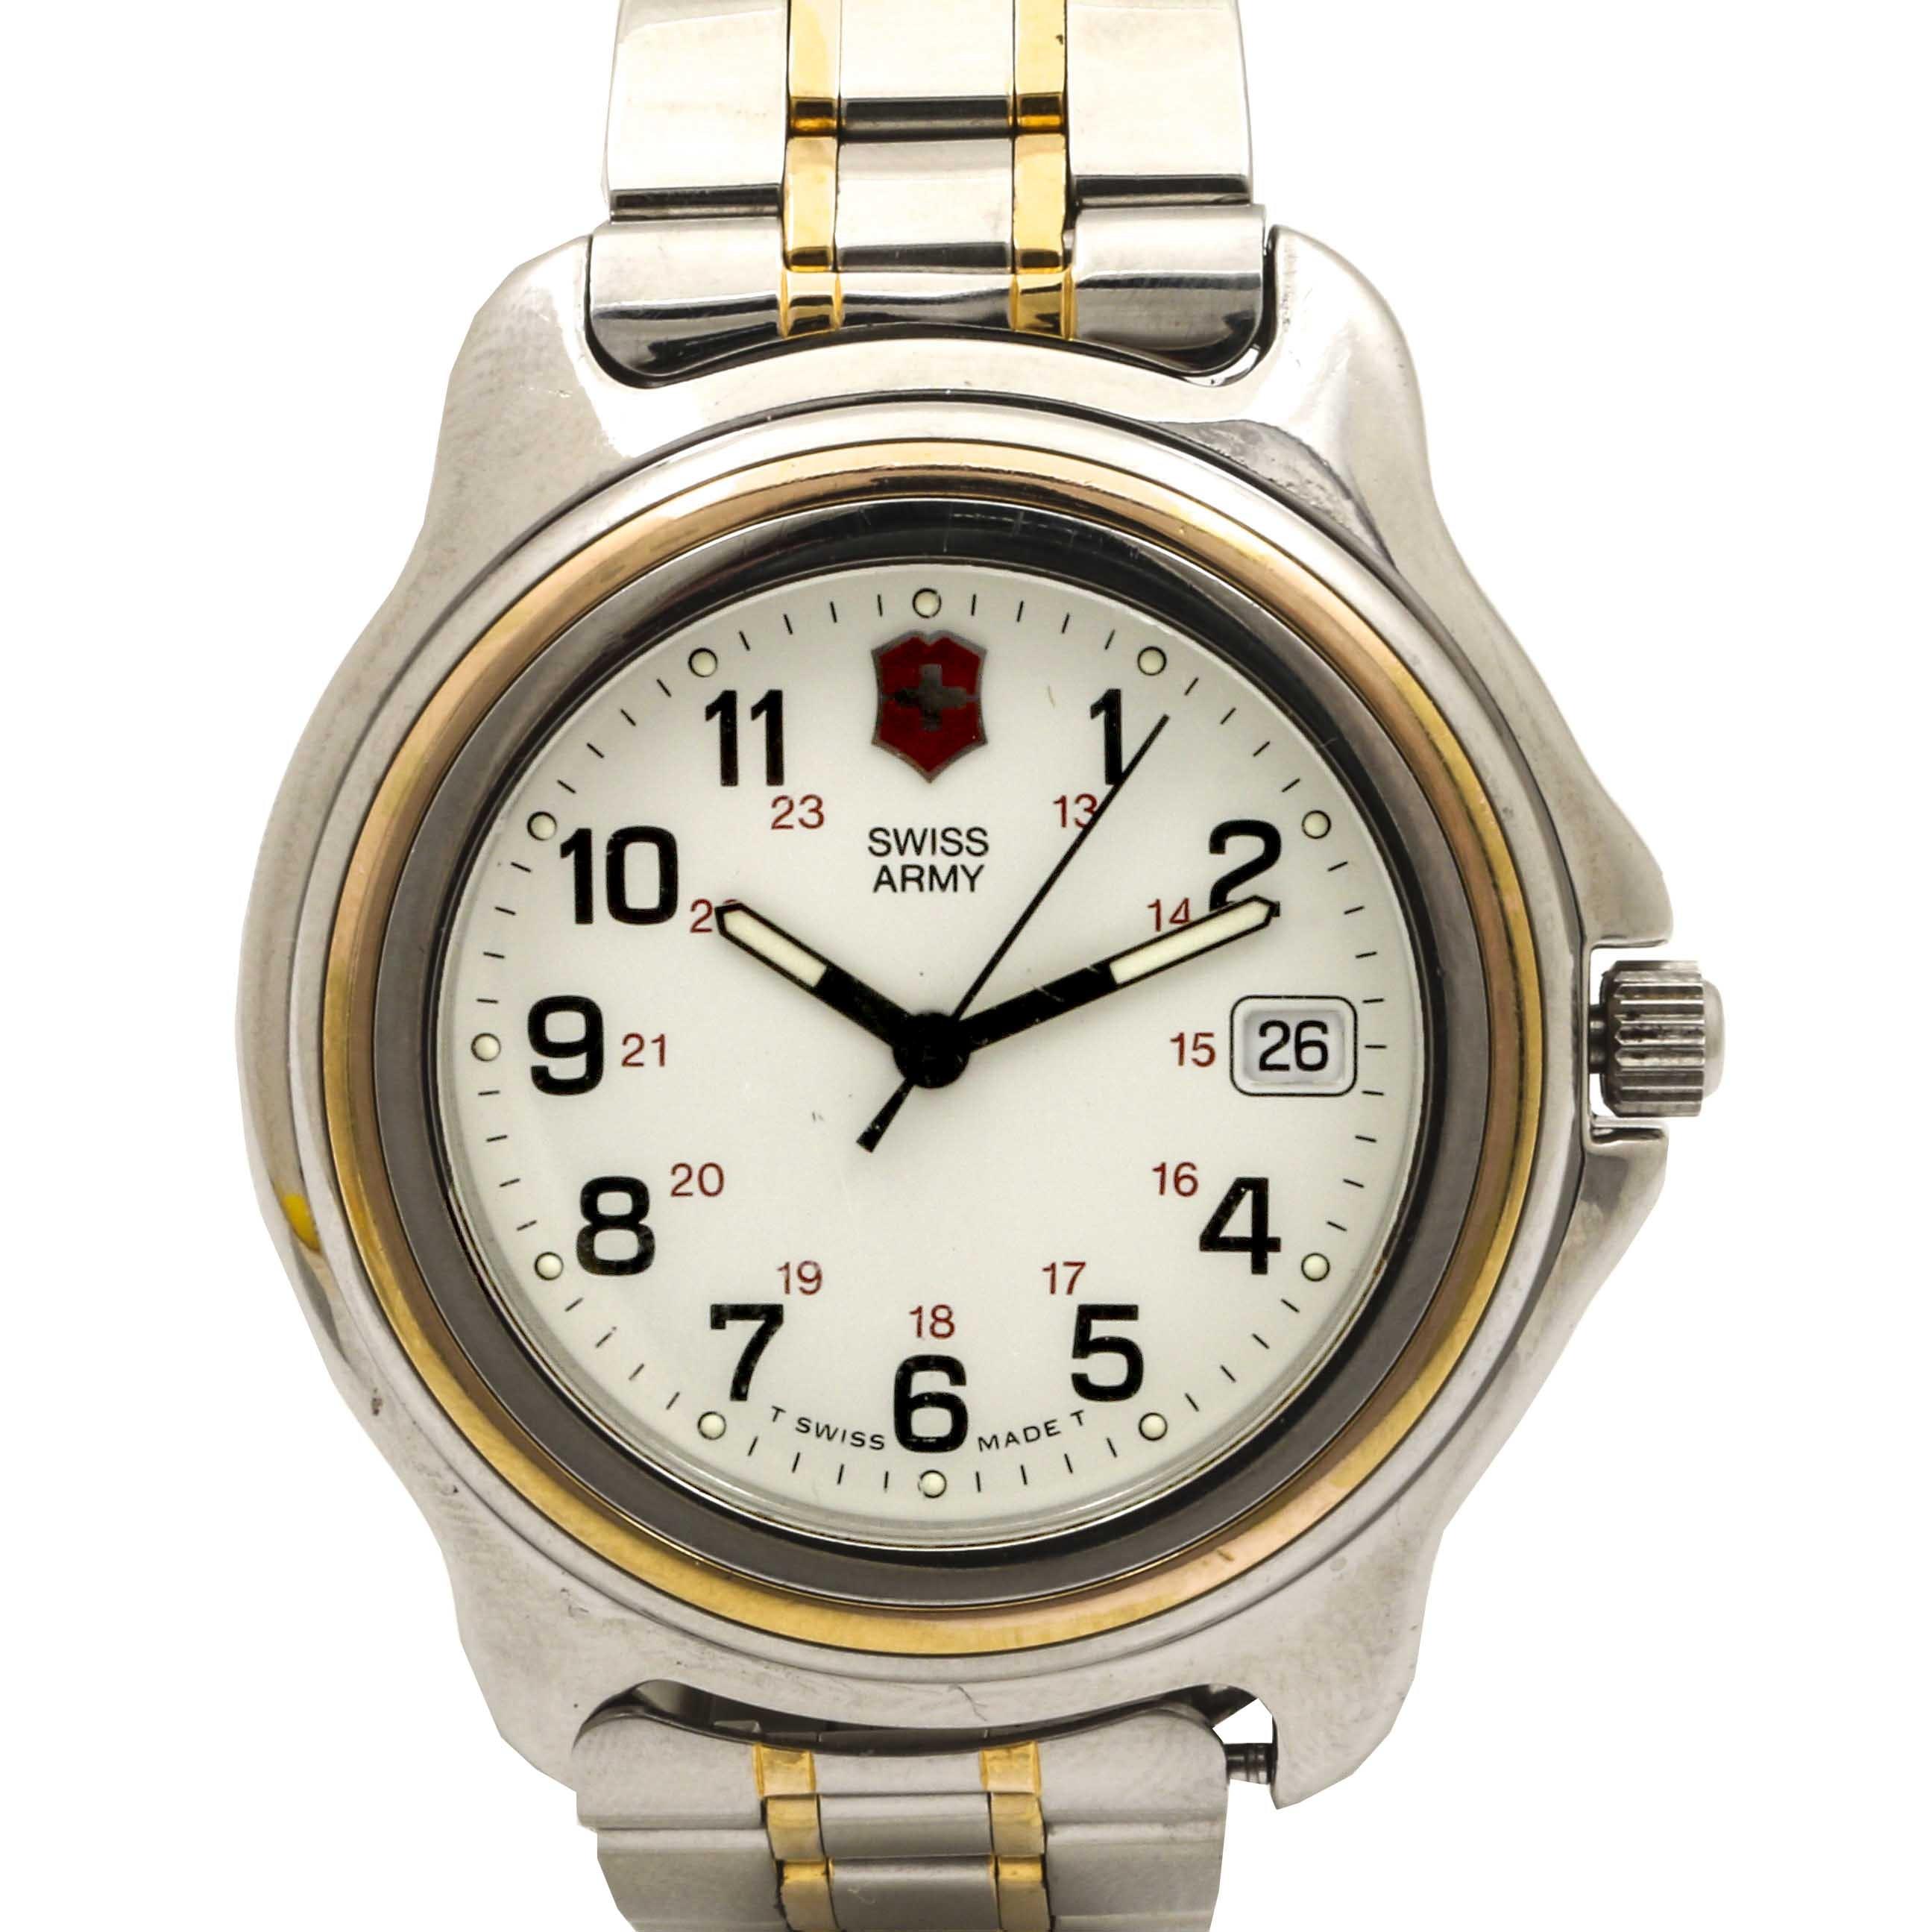 Swiss Army Swiss Made Wristwatch